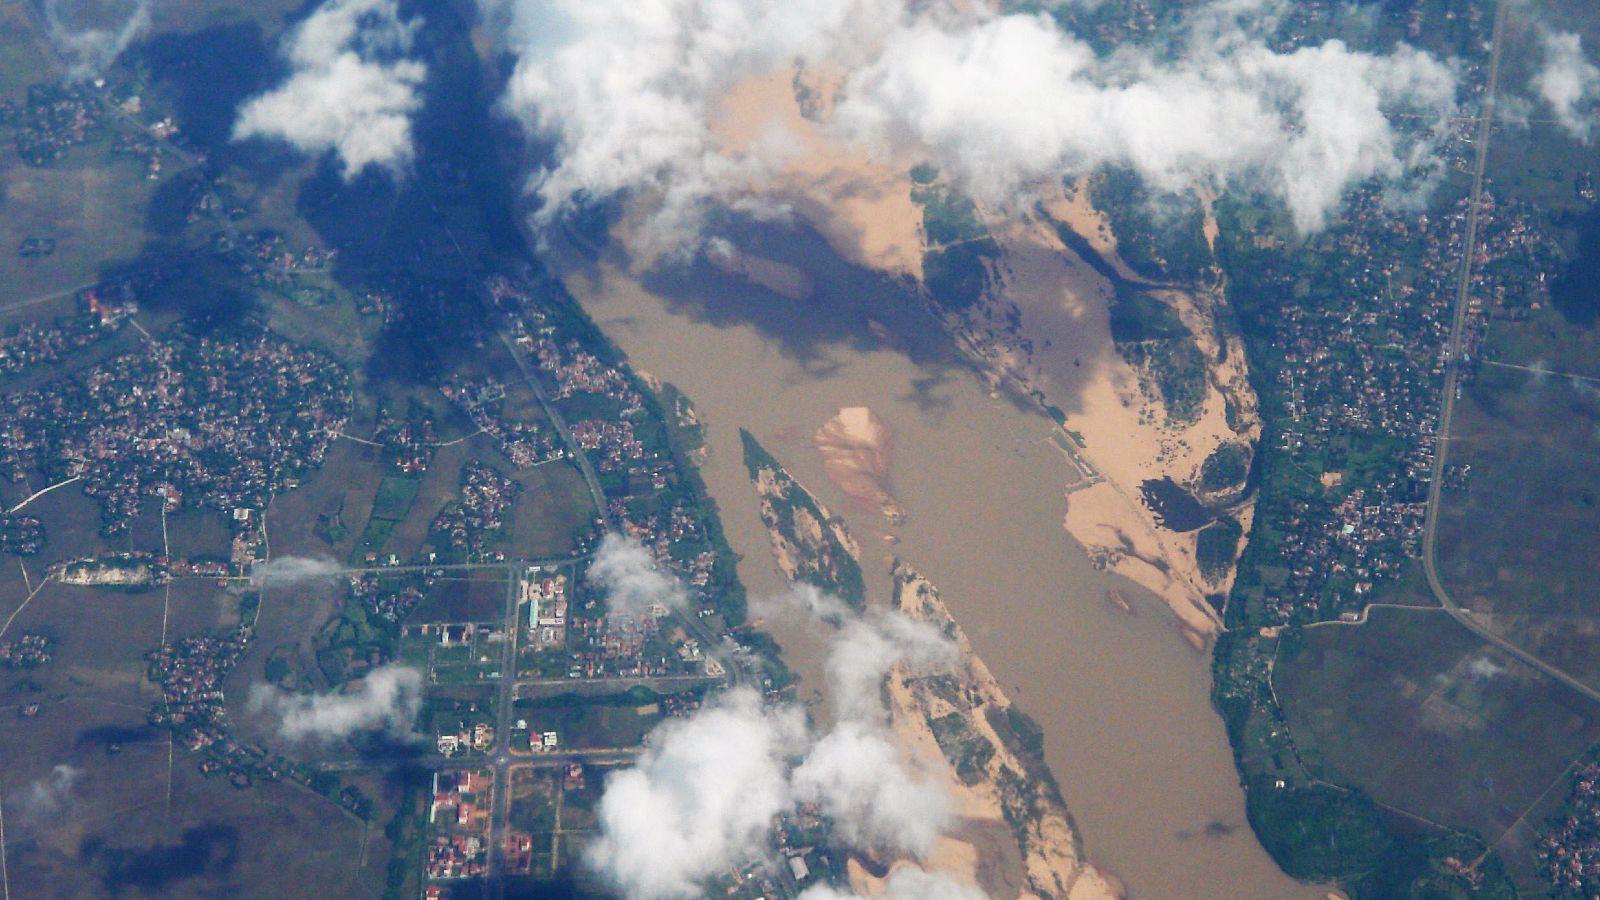 Ein Ausschnitt der Erde aus der Vogelperspektive. Wolken ziehen vorrüber.